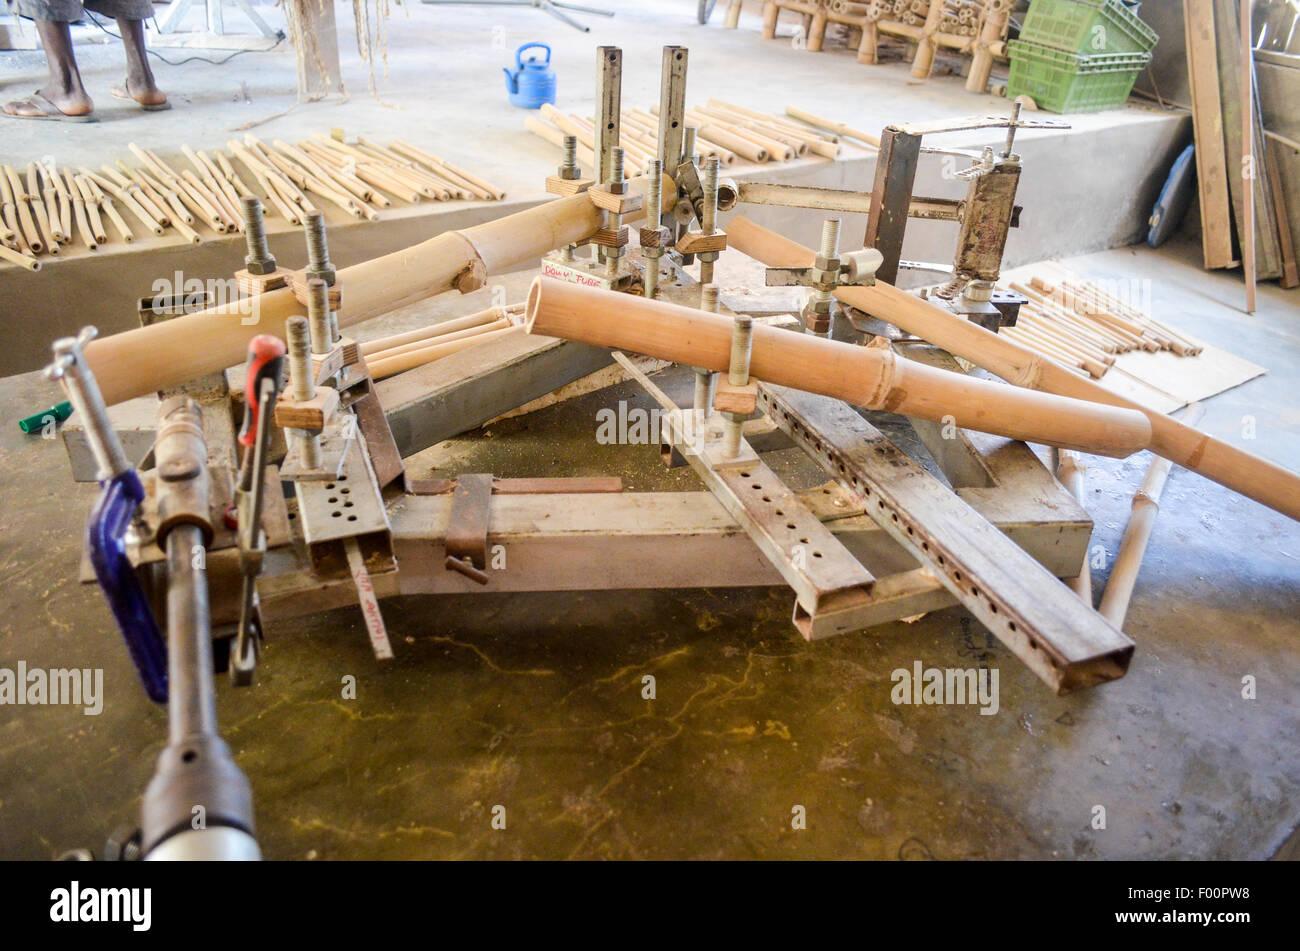 Ghana bamboo bikes - Stock Image